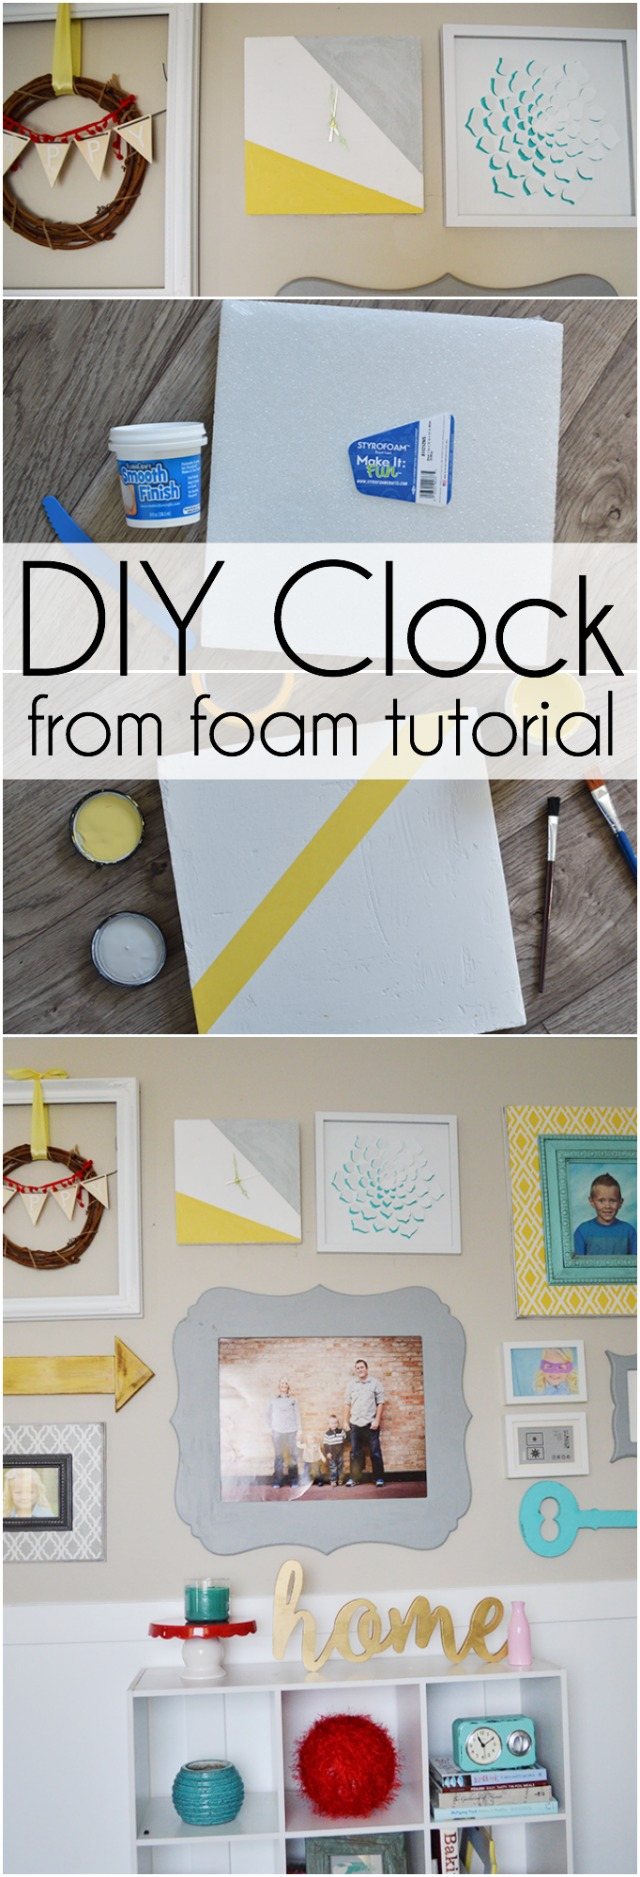 DIY Clock made from a foam block